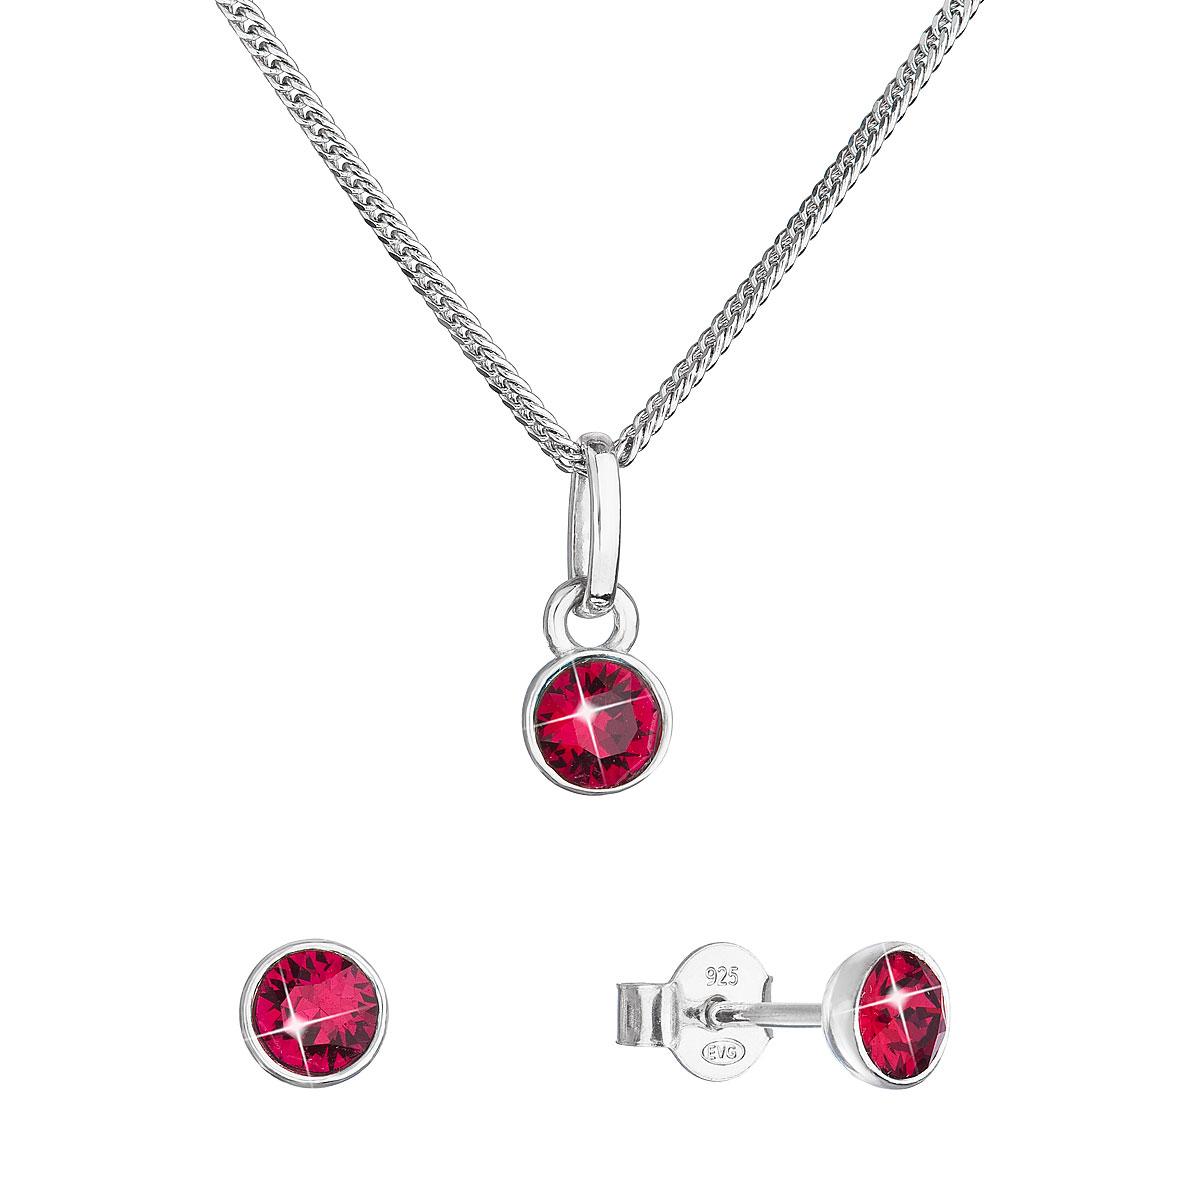 Sada šperkov s kryštálmi Swarovski náušnice, retiazka a prívesok červené 39177.3 ruby